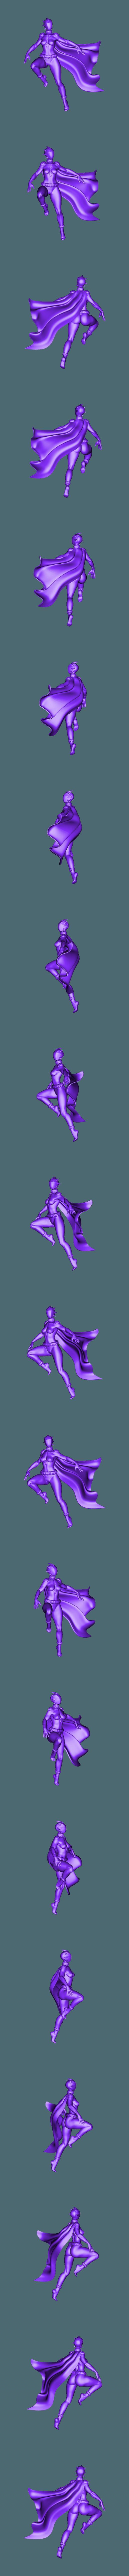 Sexy_Knight.stl Télécharger fichier STL gratuit Femme héroïne • Design pour impression 3D, BODY3D